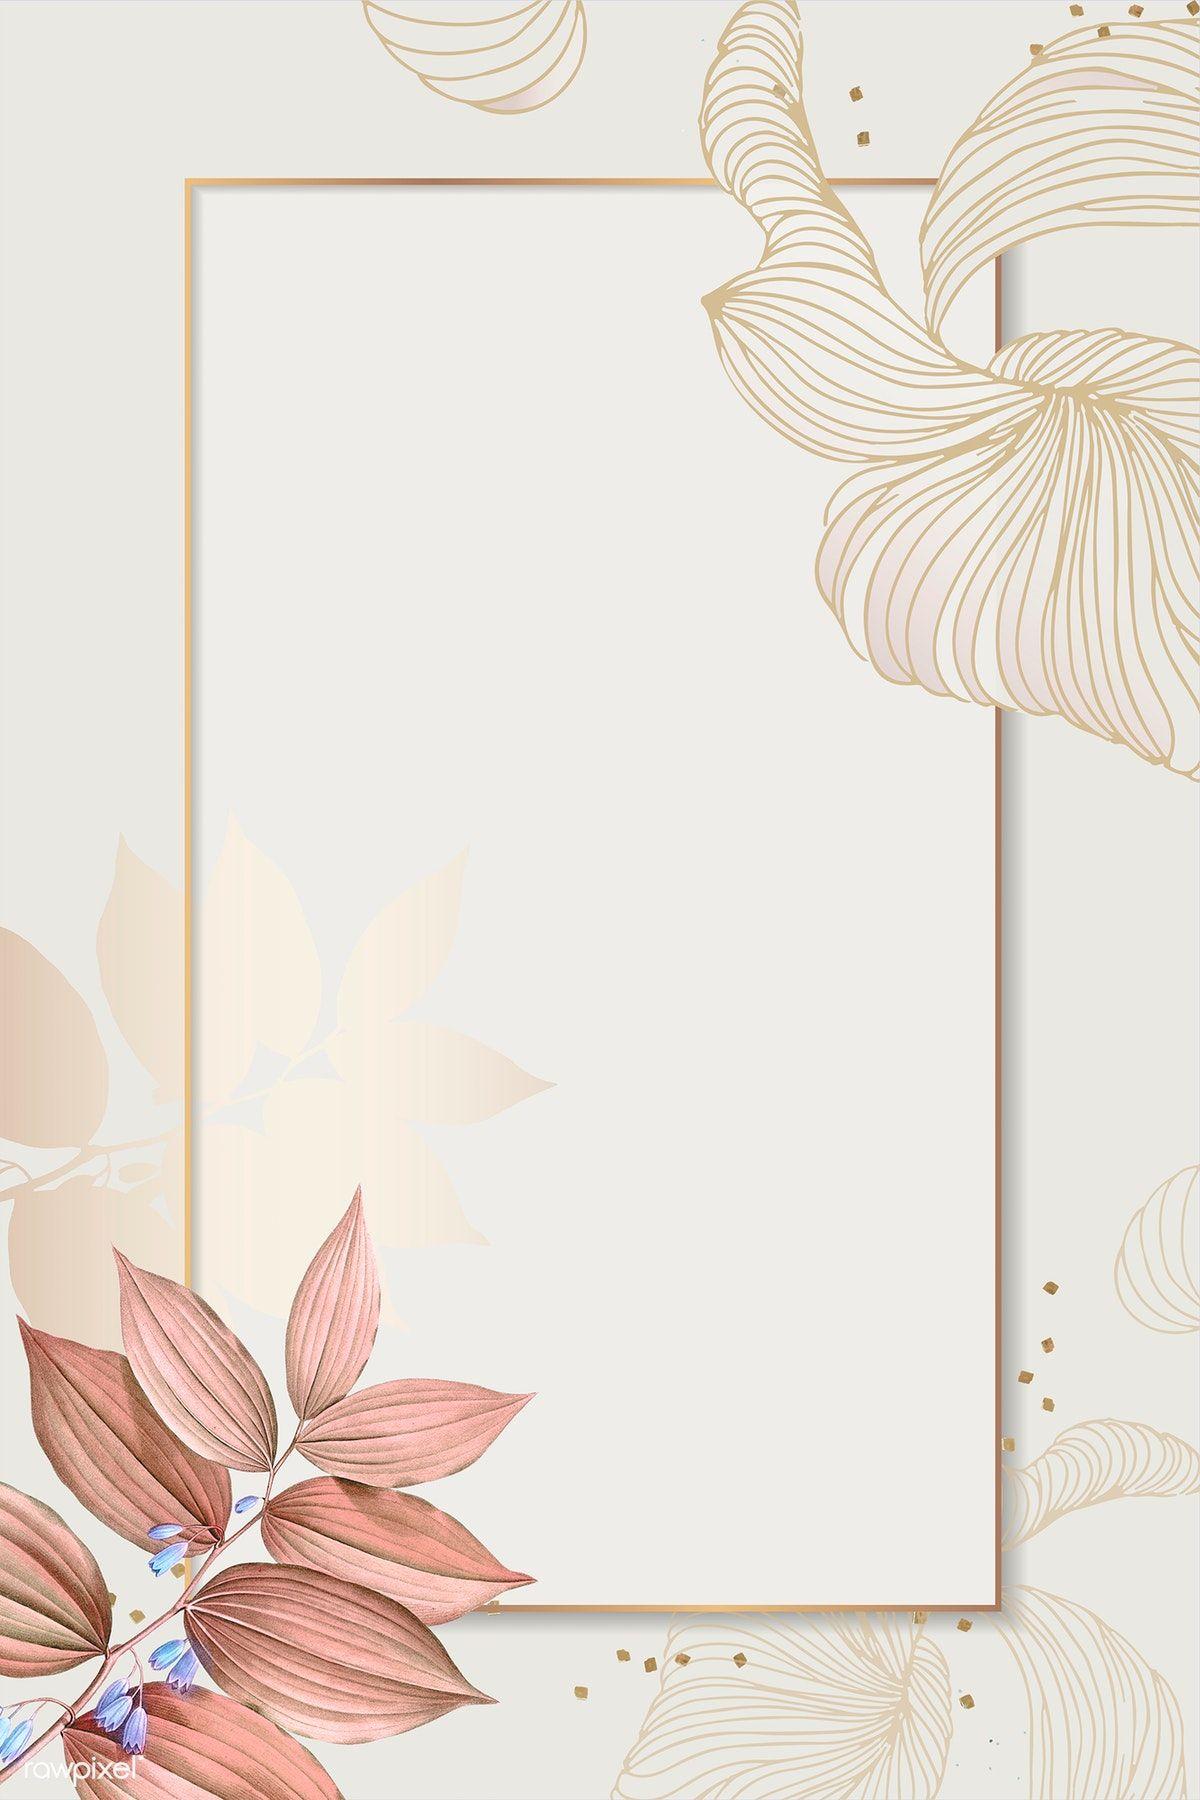 Download premium illustration of Golden floral rectangle frame